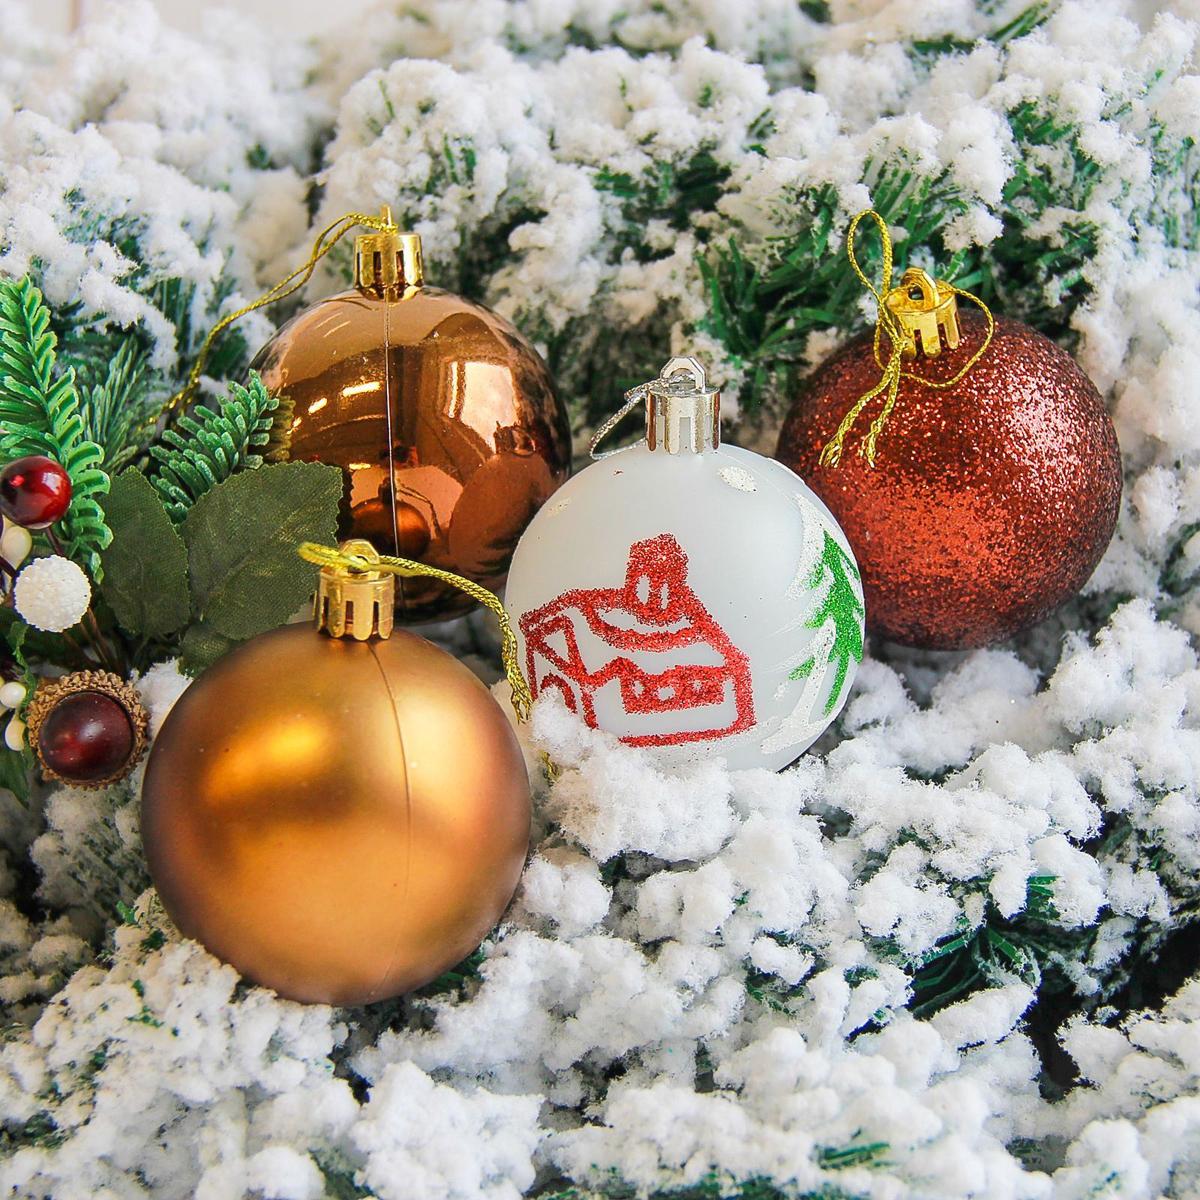 Набор новогодних подвесных украшений Sima-land Кьюзо, цвет: коричневый, диаметр 6 см, 12 шт2178447Невозможно представить нашу жизнь без праздников! Мы всегда ждём их и предвкушаем, обдумываем, как проведём памятный день, тщательно выбираем подарки и аксессуары, ведь именно они создают и поддерживают торжественный настрой.